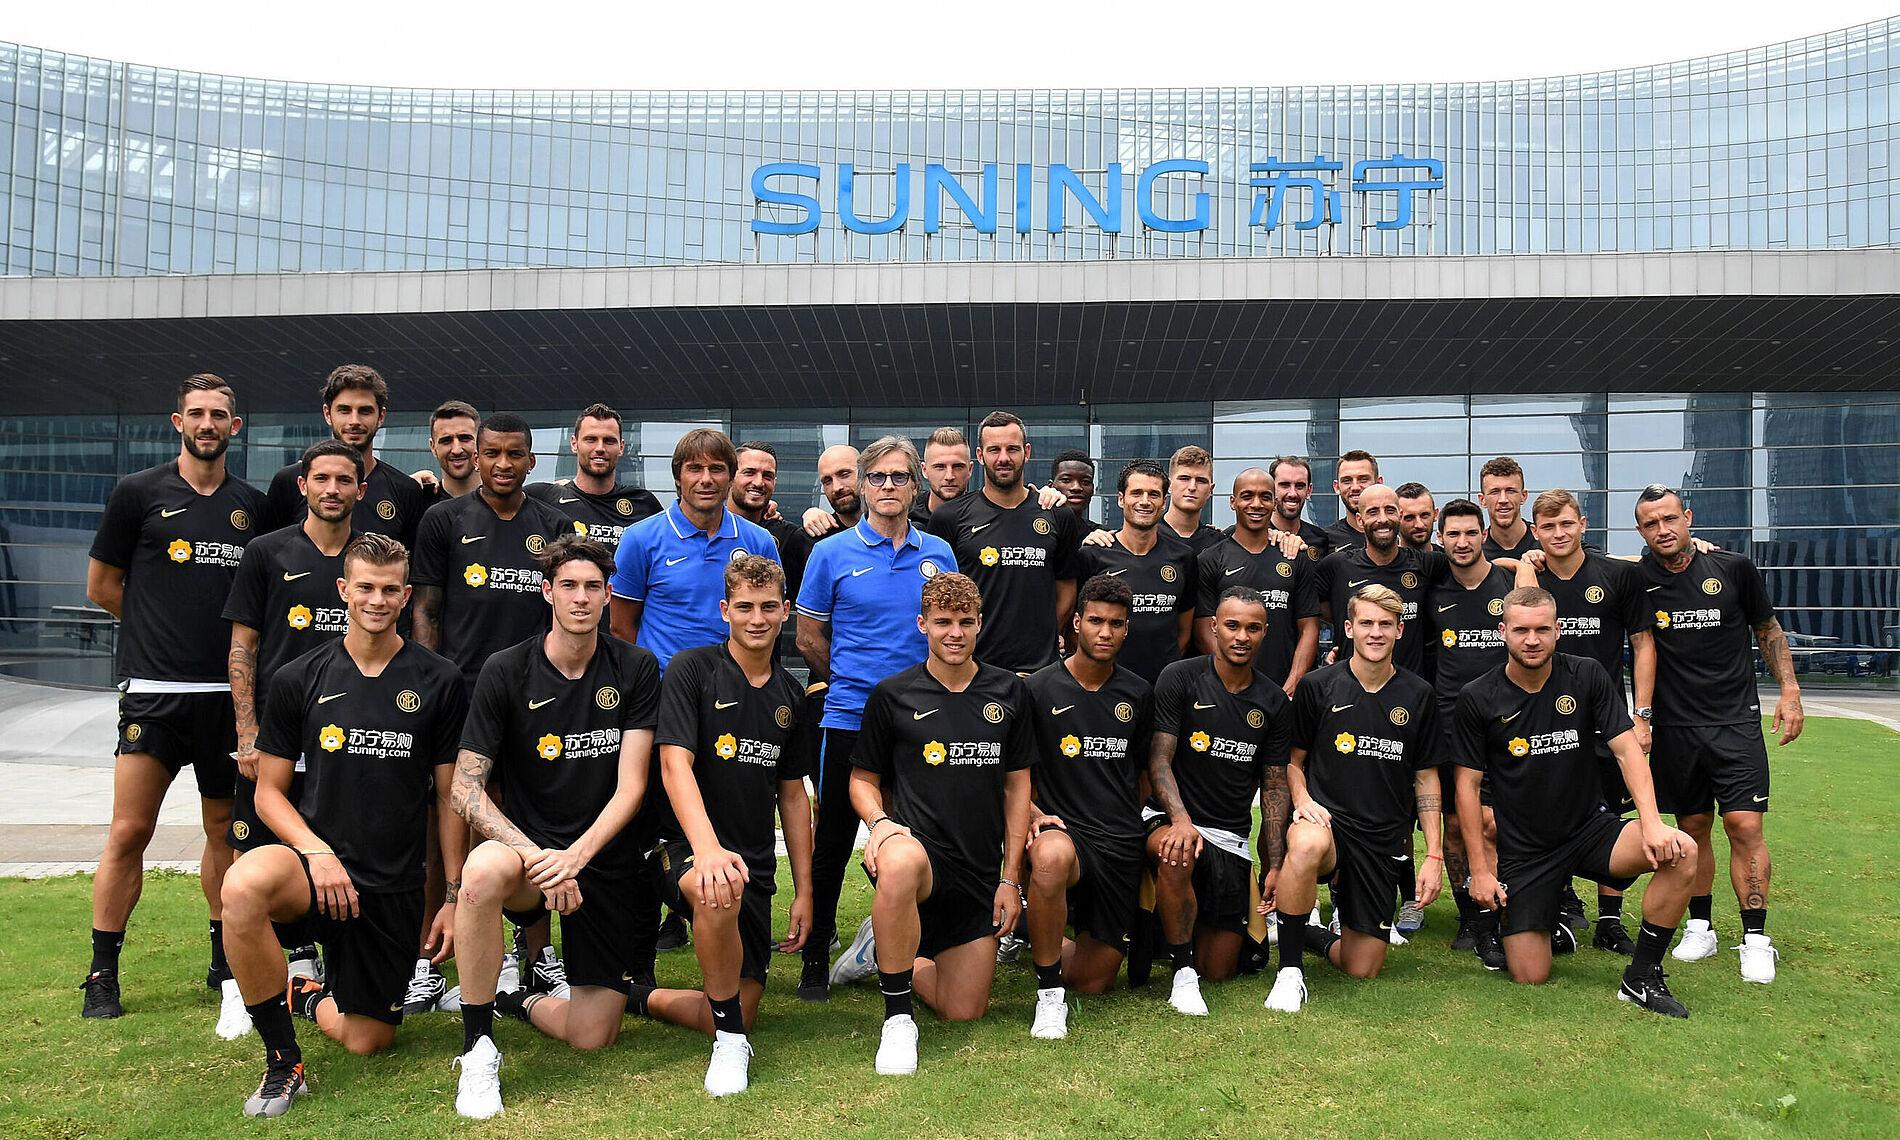 Seluruh tim Inter mengunjungi kantor pusat perusahaan induk Suning di Nanjing, Tiongkok pada Juli 2019.  Foto: Inter.it